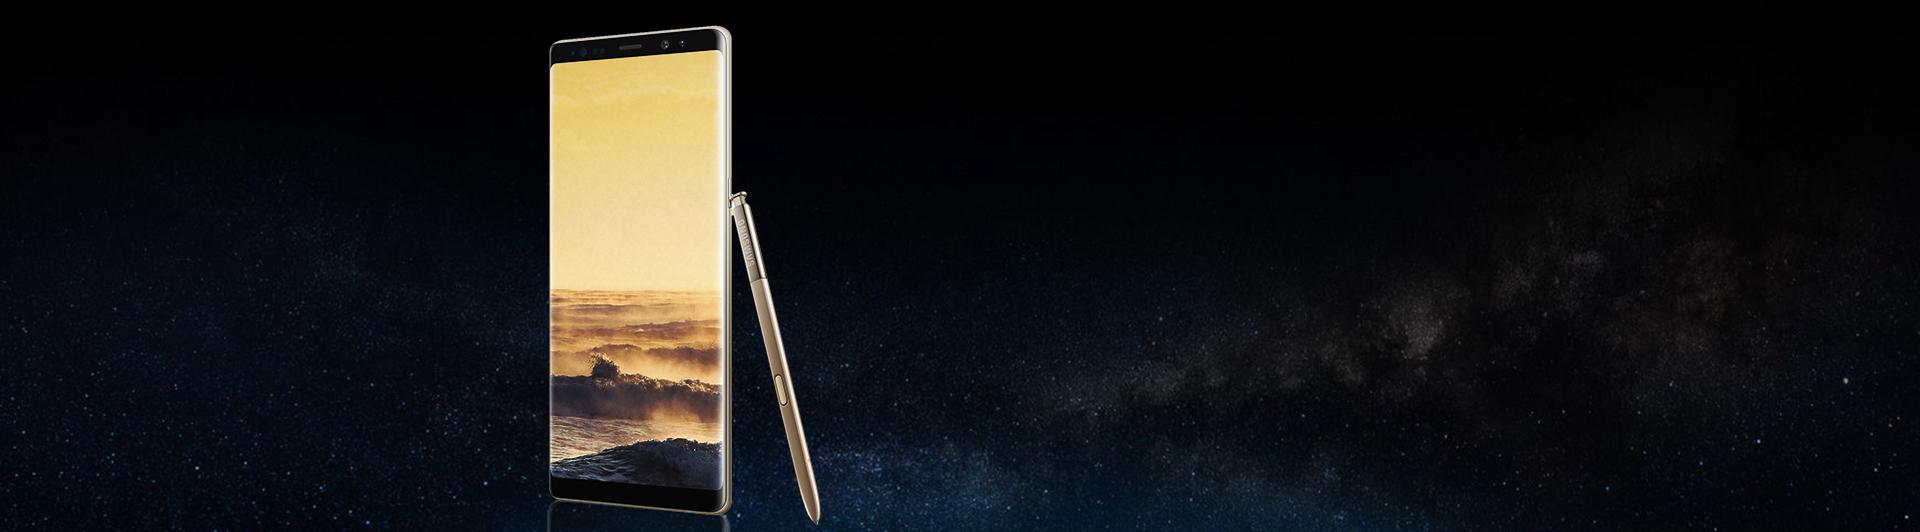 Điện thoại Samsung Galaxy Note8 vàng hỗ trợ thẻ nhớ lên đến 256GB